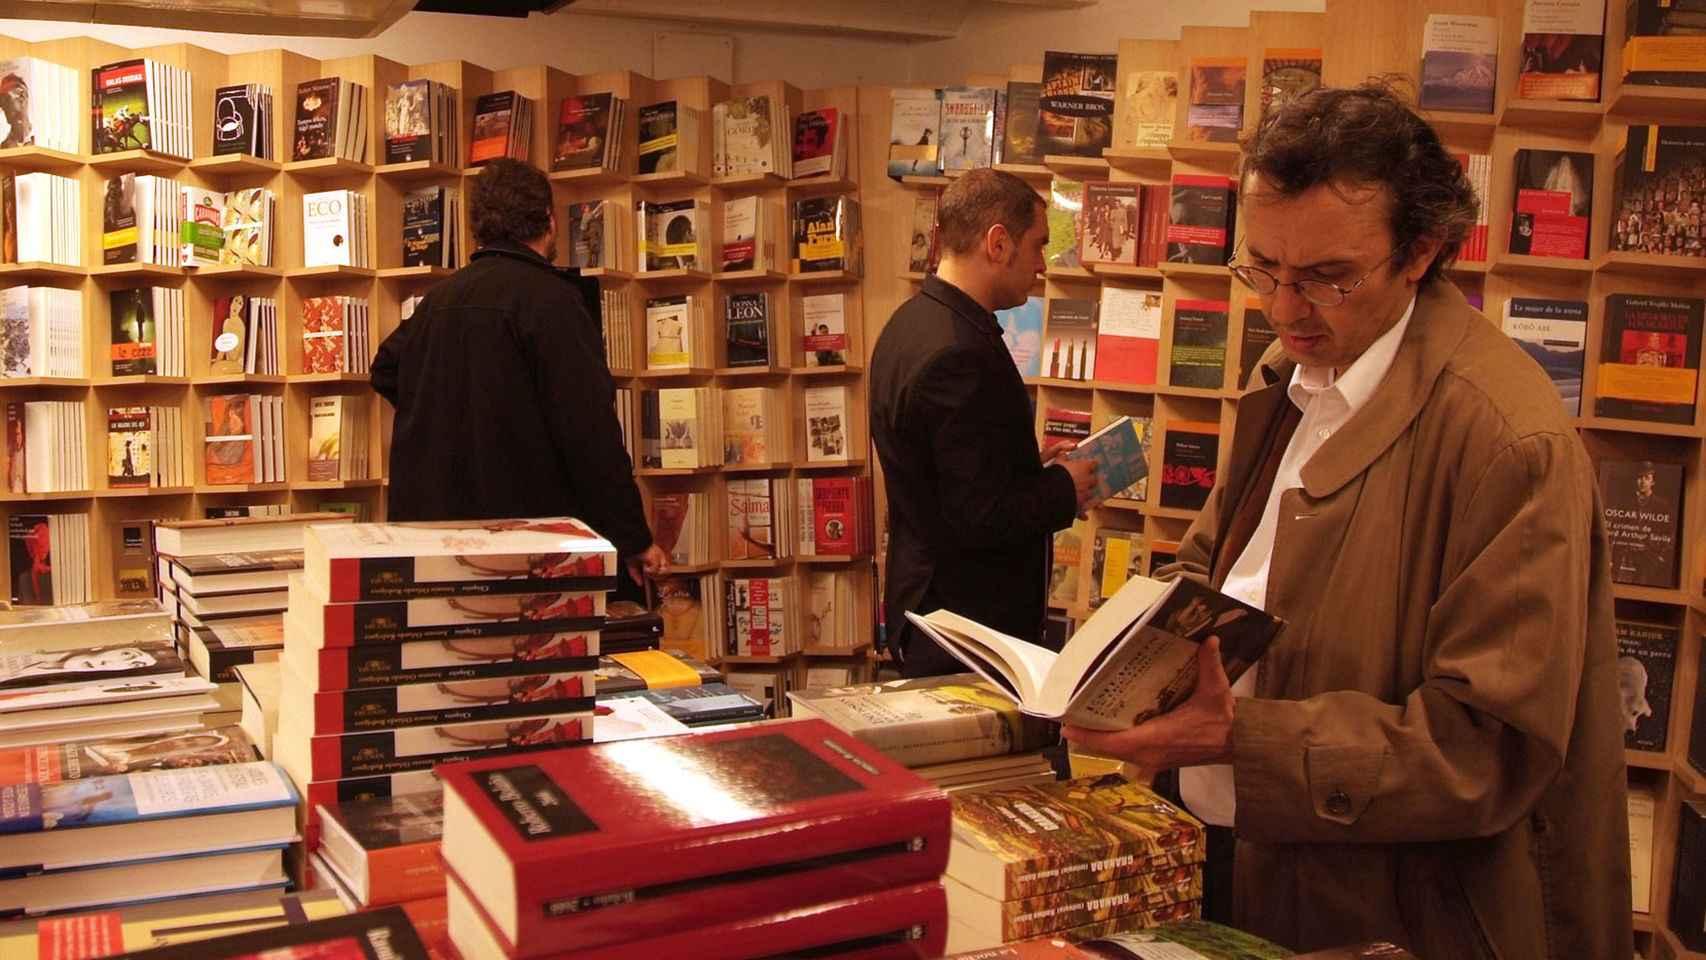 Clientes en la librería Antonio Machado.